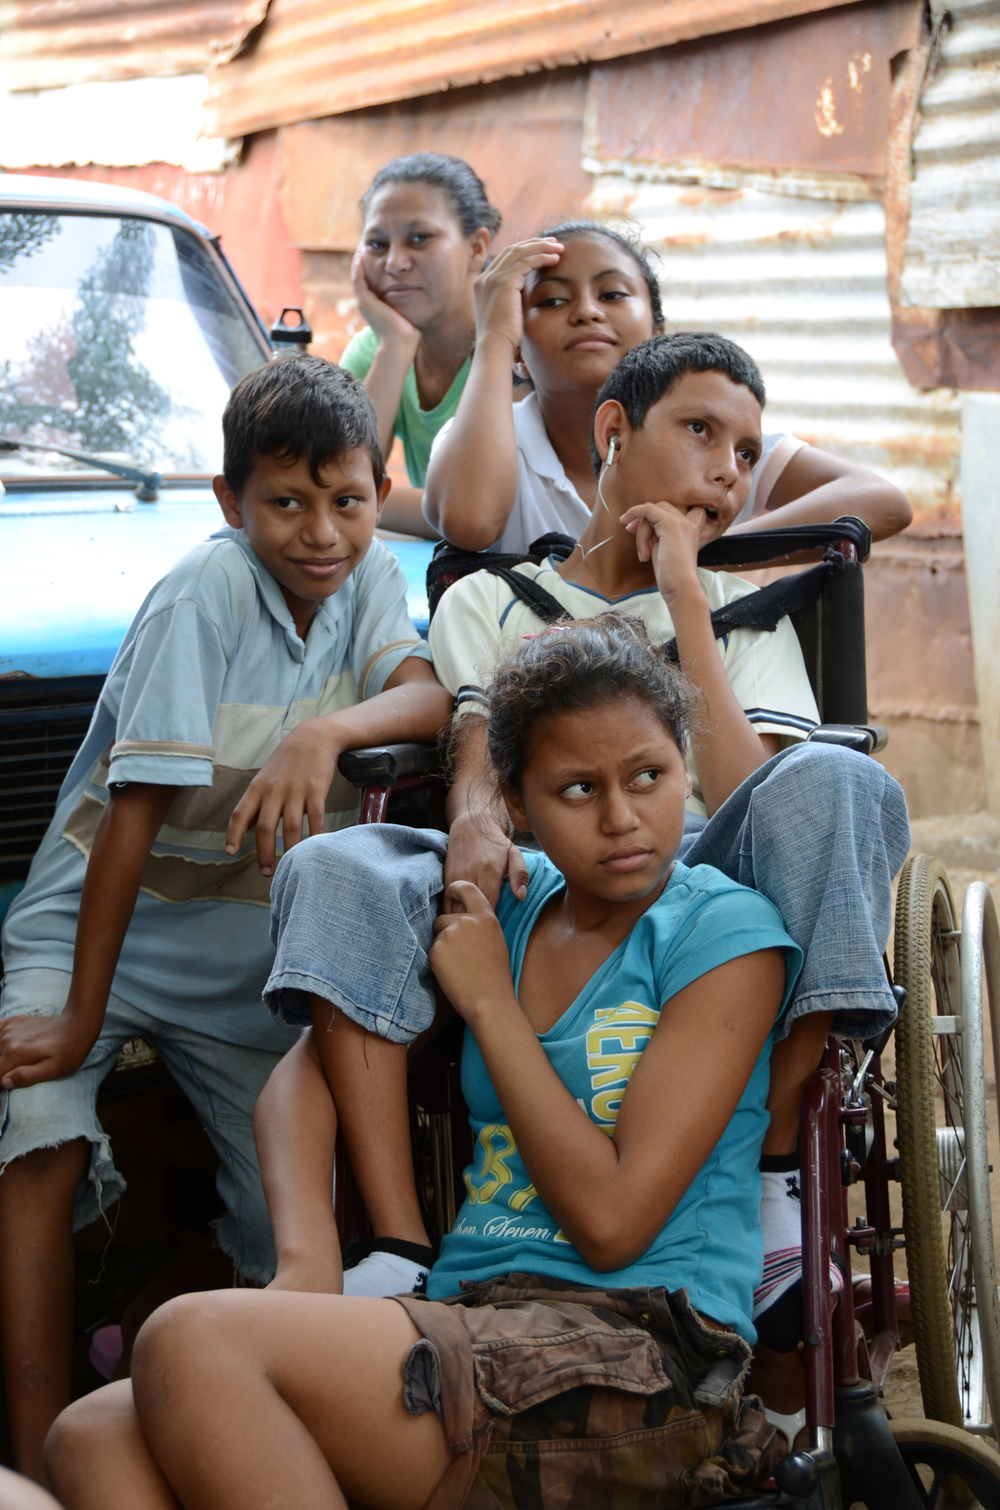 De arriba abajo: La hermana de Yadira, Xiomara; una hija de Yadira, Ana; el hijo de Yadira, Jayson; el hijo de Xiomara, Byron; y la hija de Xiomara, María (2012). Foto de Elizabeth Kay.